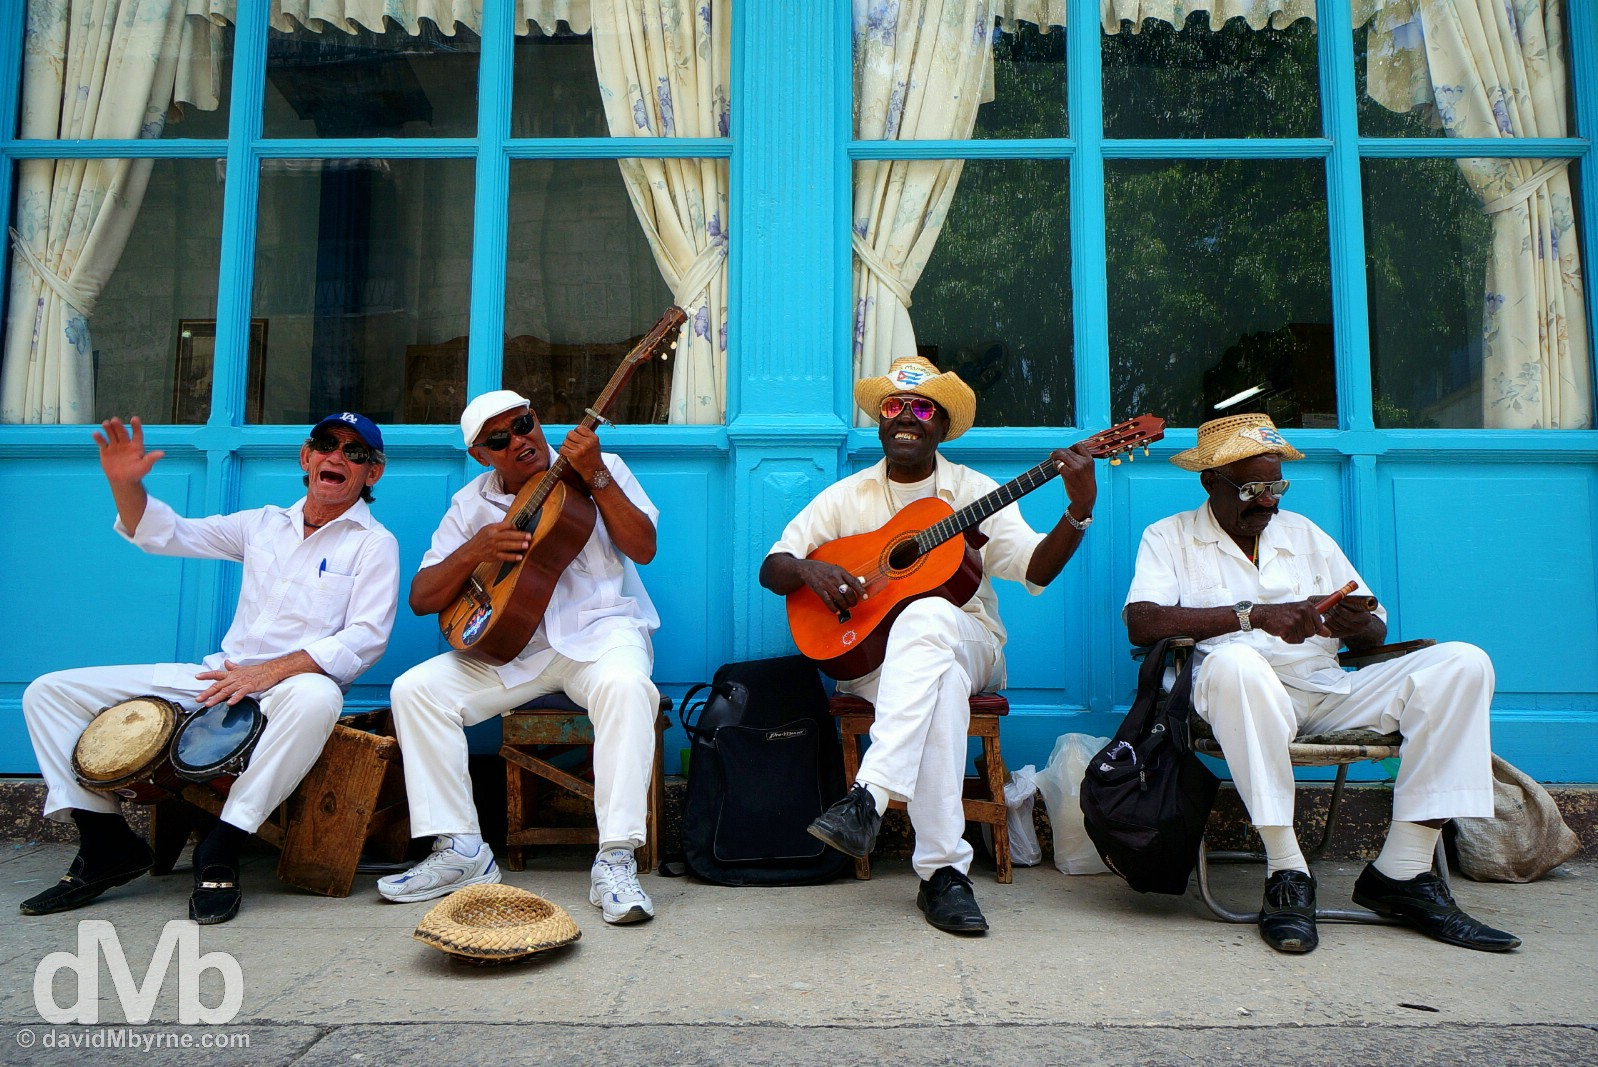 Musicians in Habana Vieja/Old Havana, Havana, Cuba. May 2, 2015.